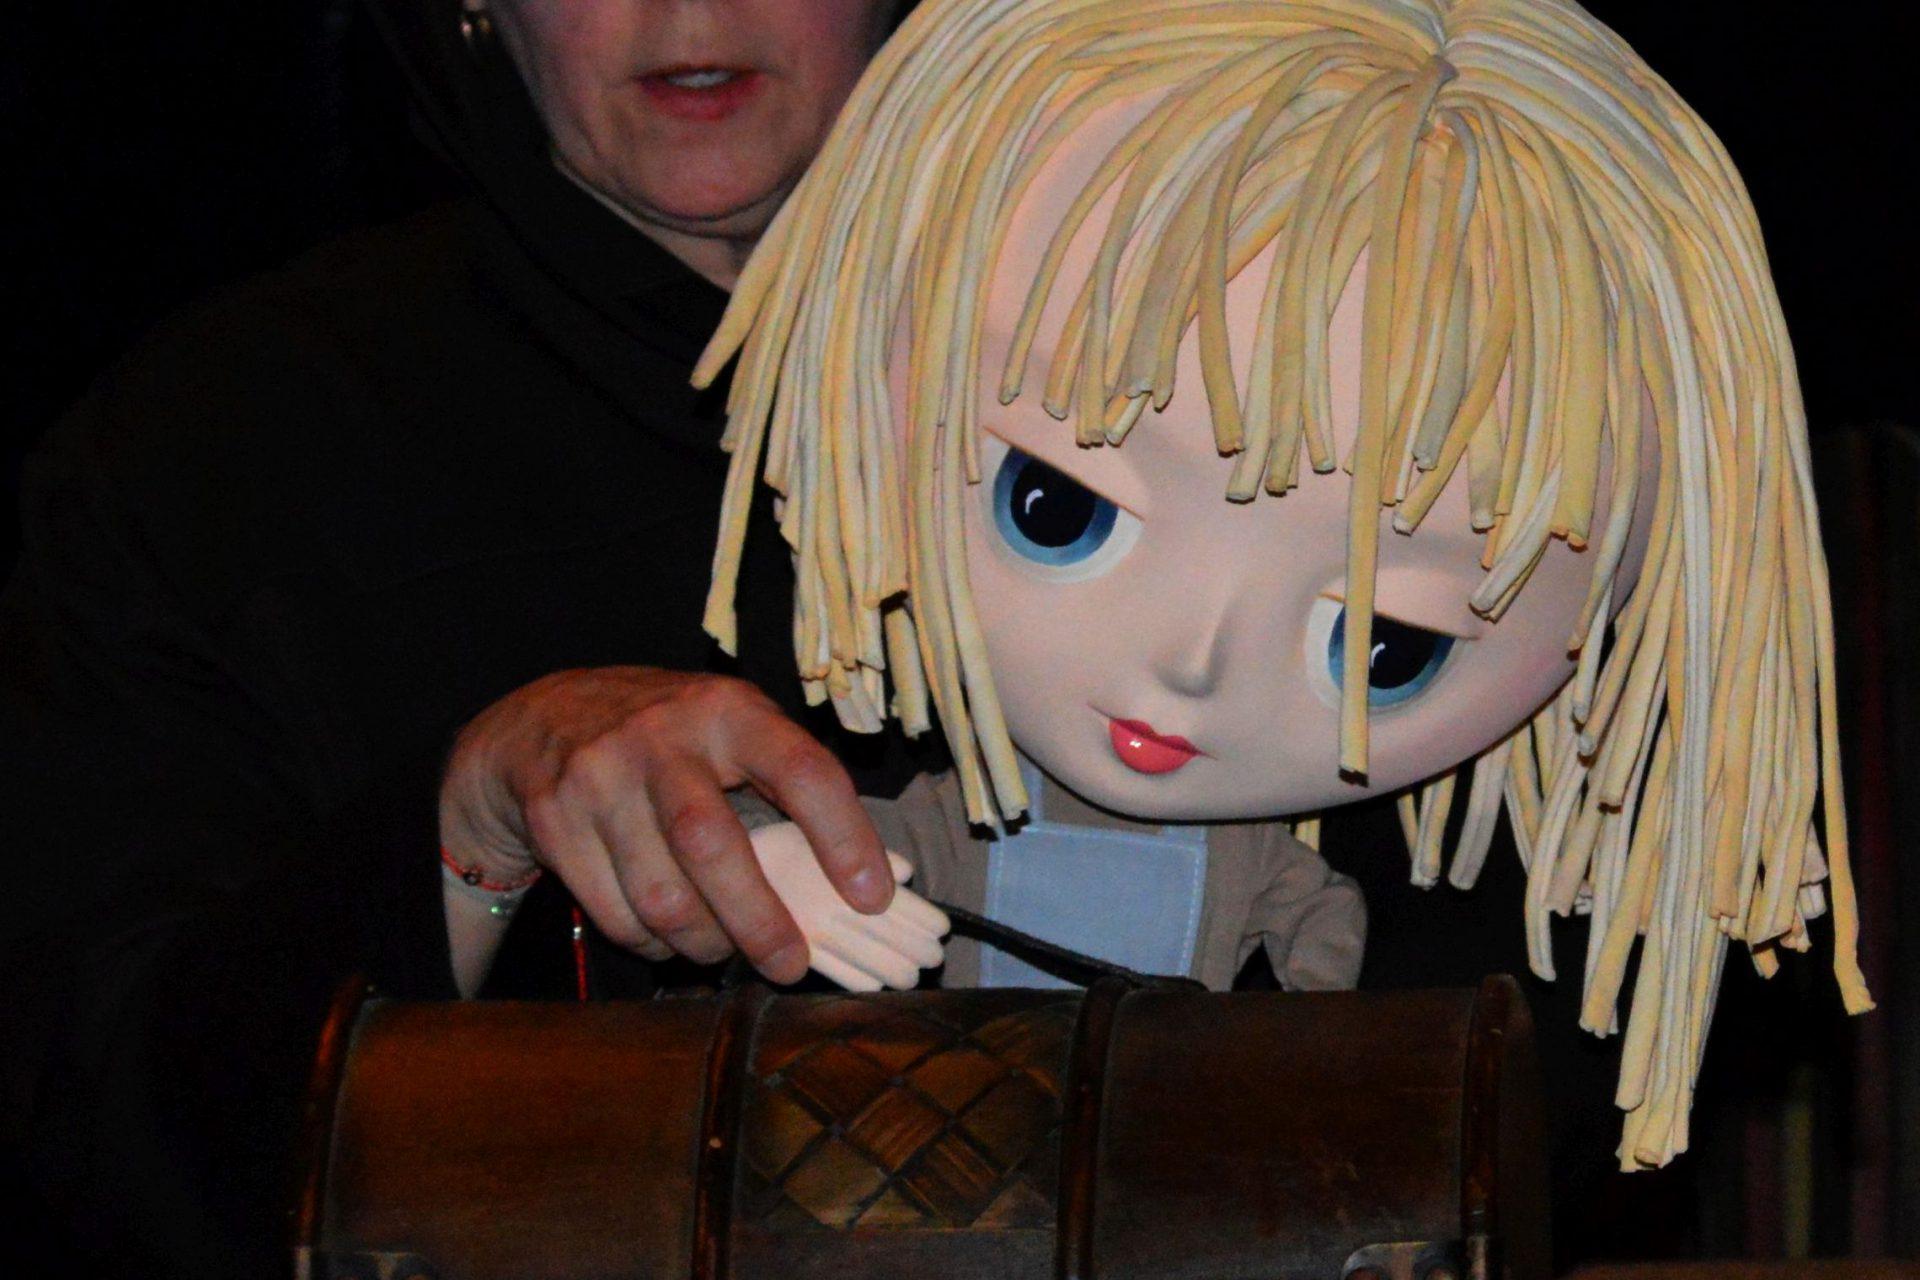 Zdjęcie robocze. Aktorka z lalką Kopciuszka